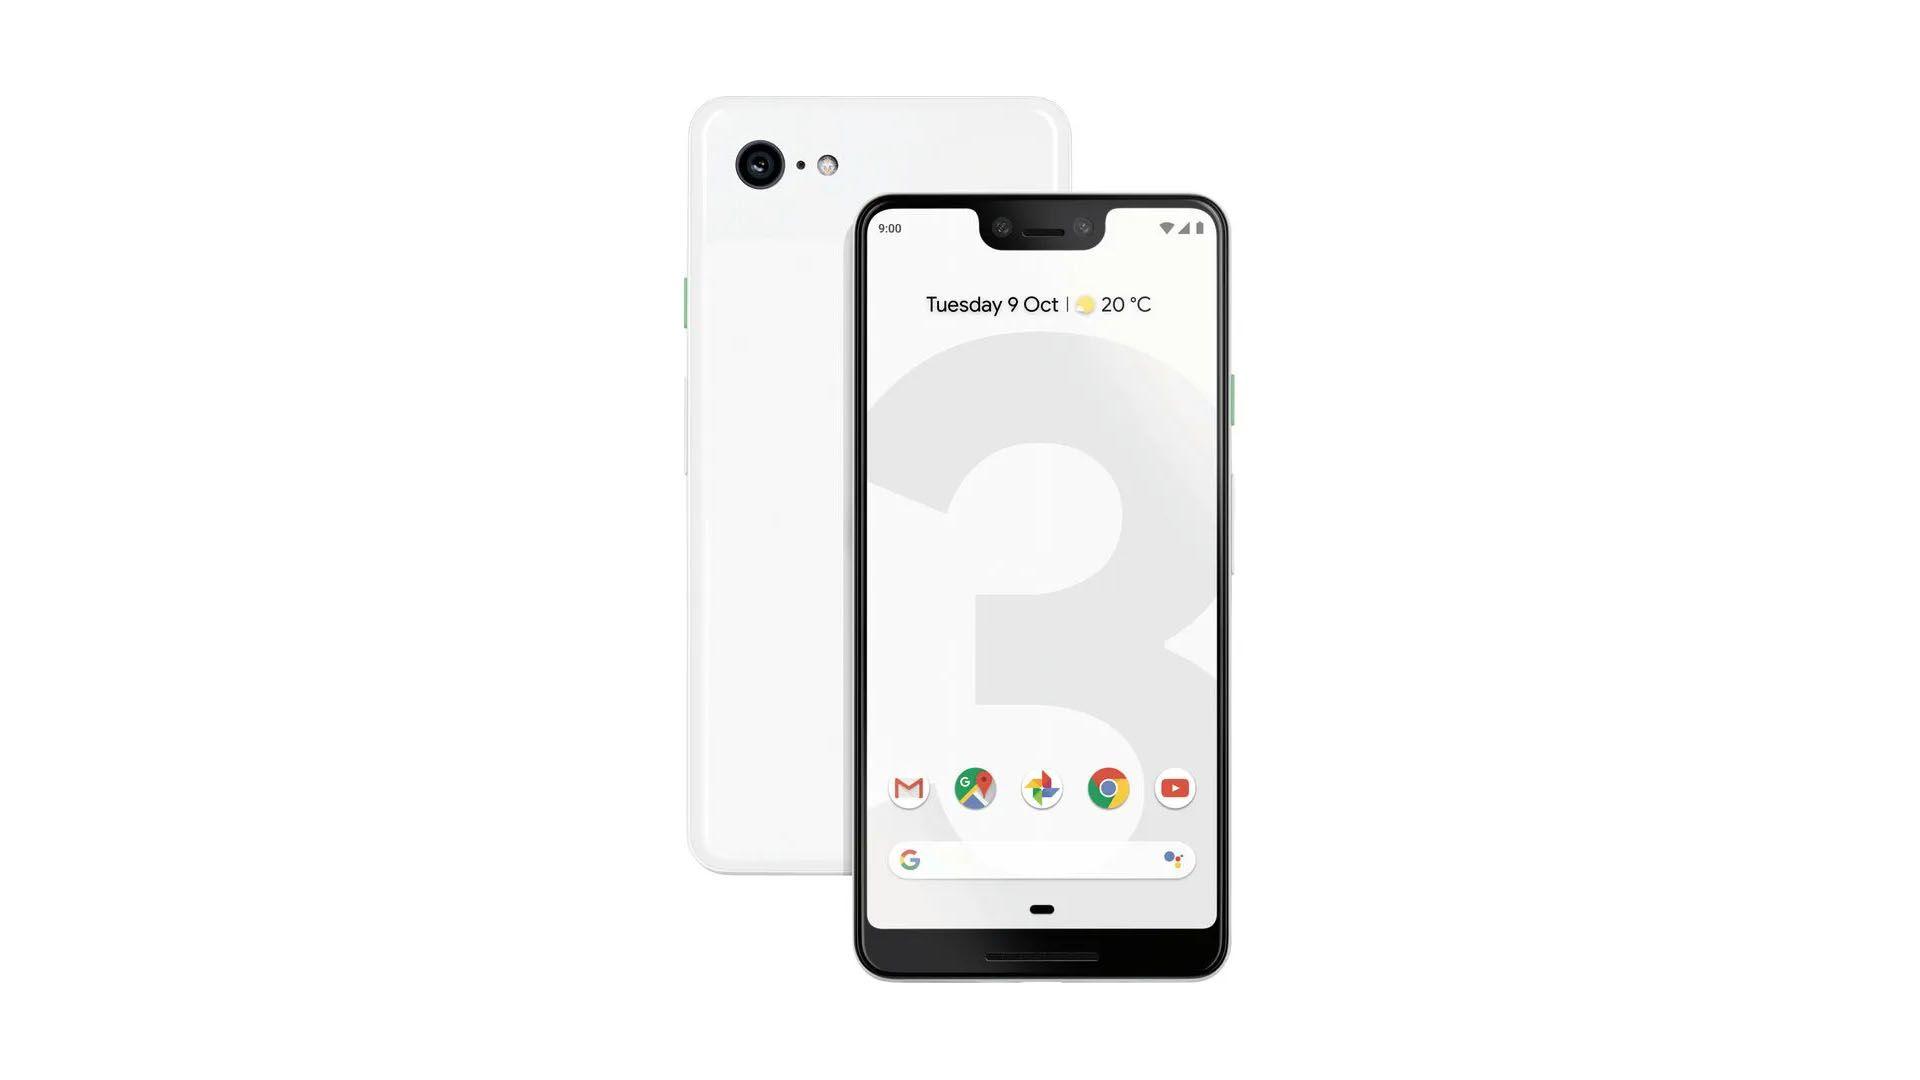 Visual do Google Pixel 3 XL. (Foto: Divulgação/Google)